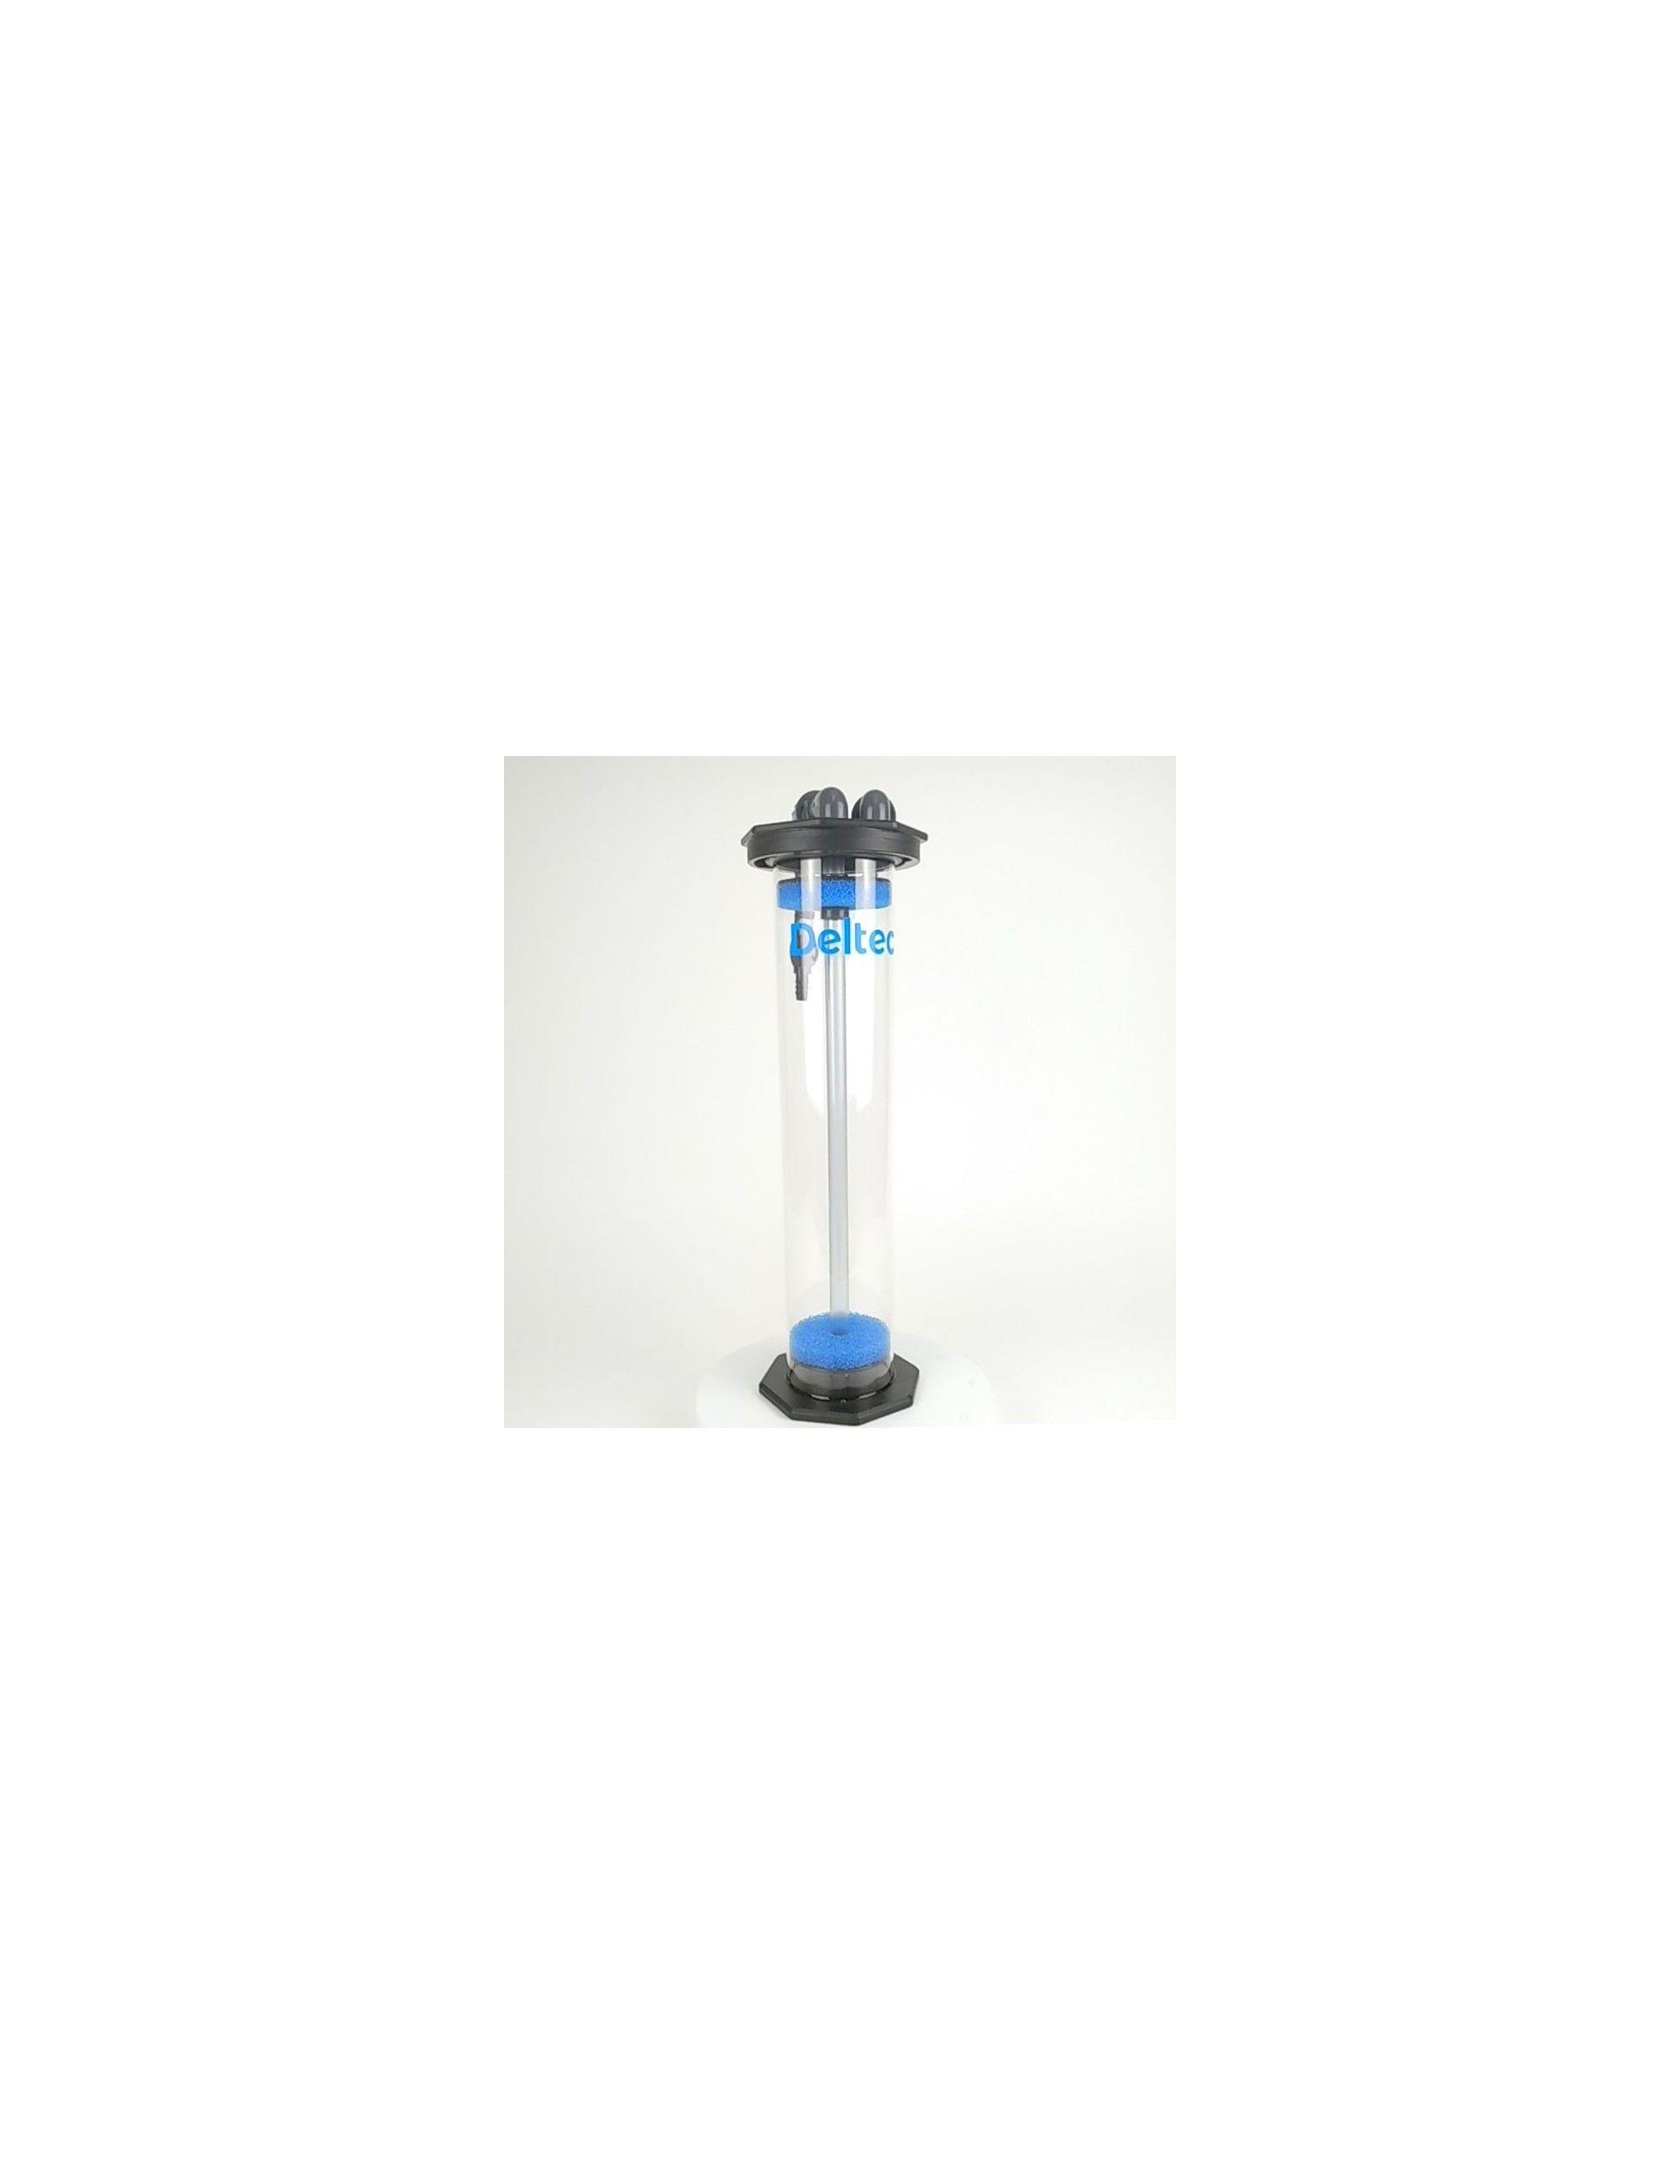 DELTEC - FR 1020 - 14 litres - Filtre à lit fluidisé